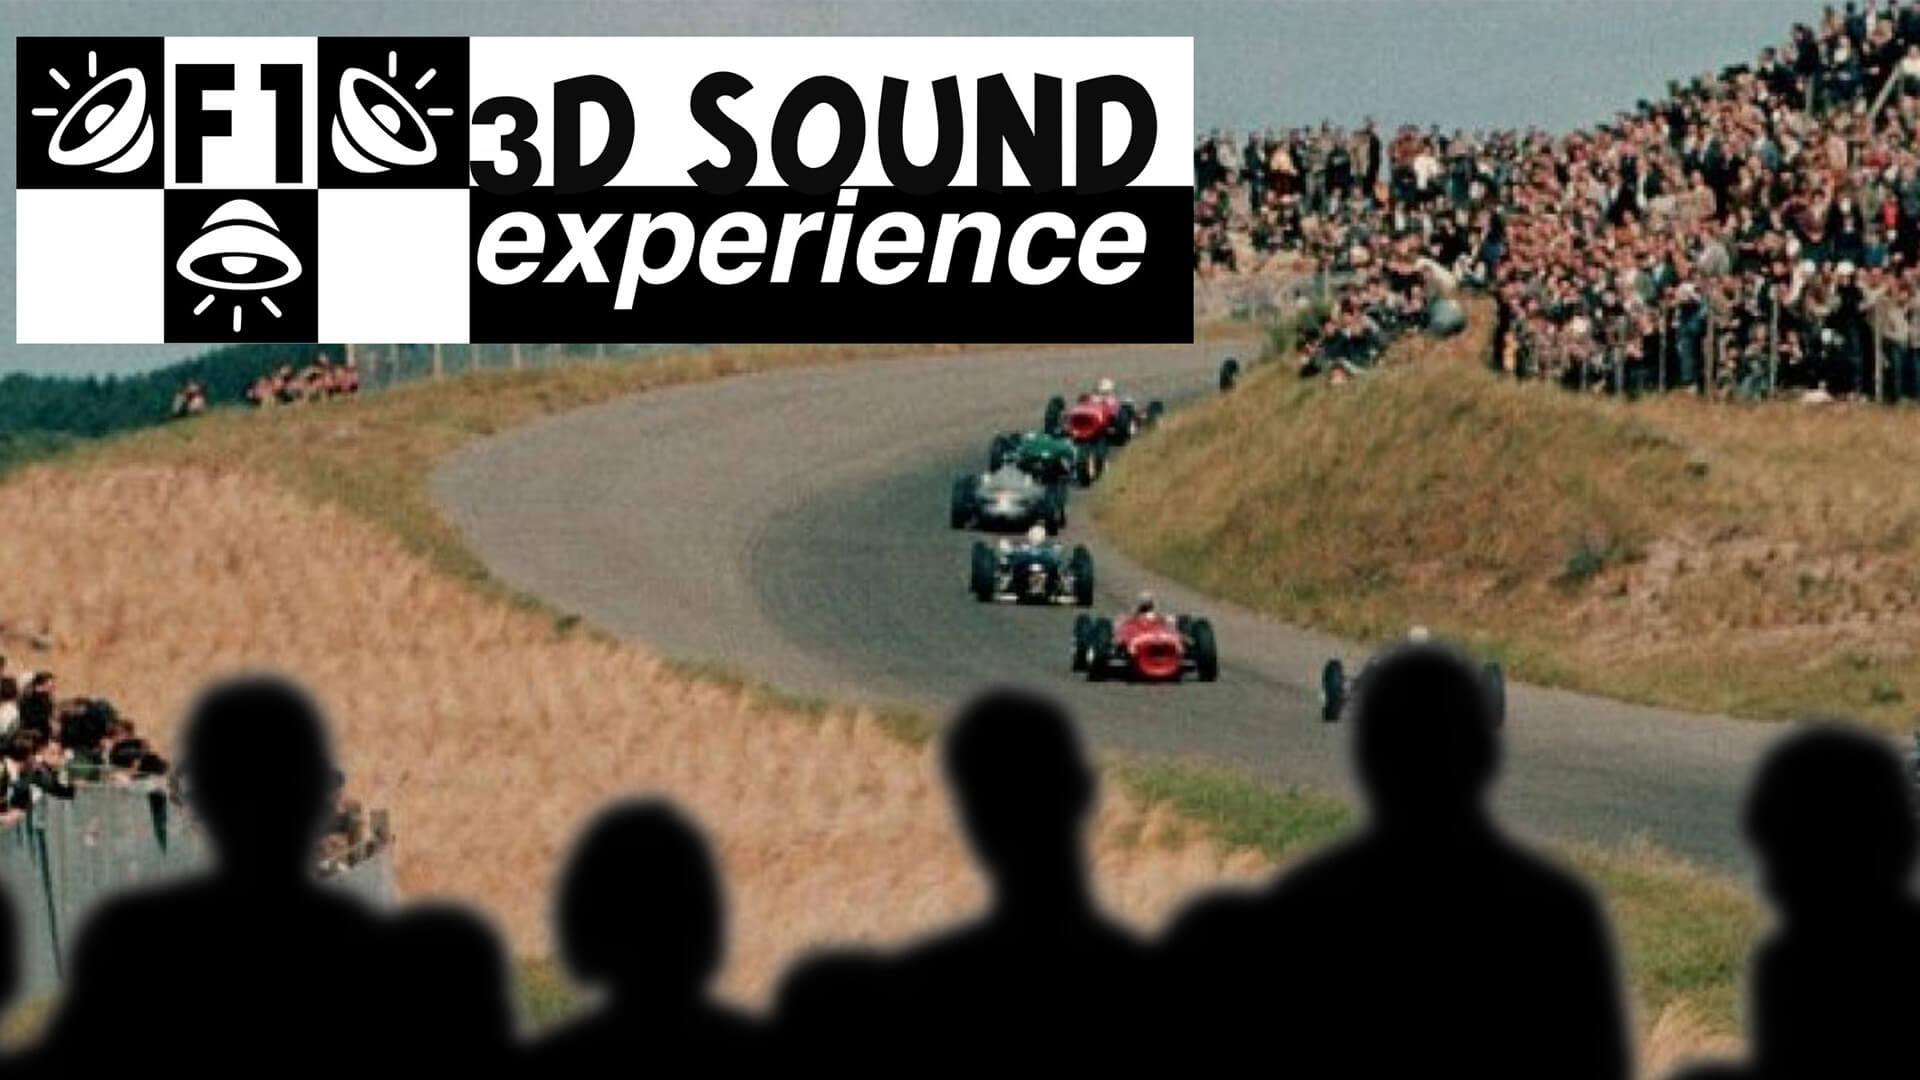 F1 3D Sound Experience Stefan de Groot